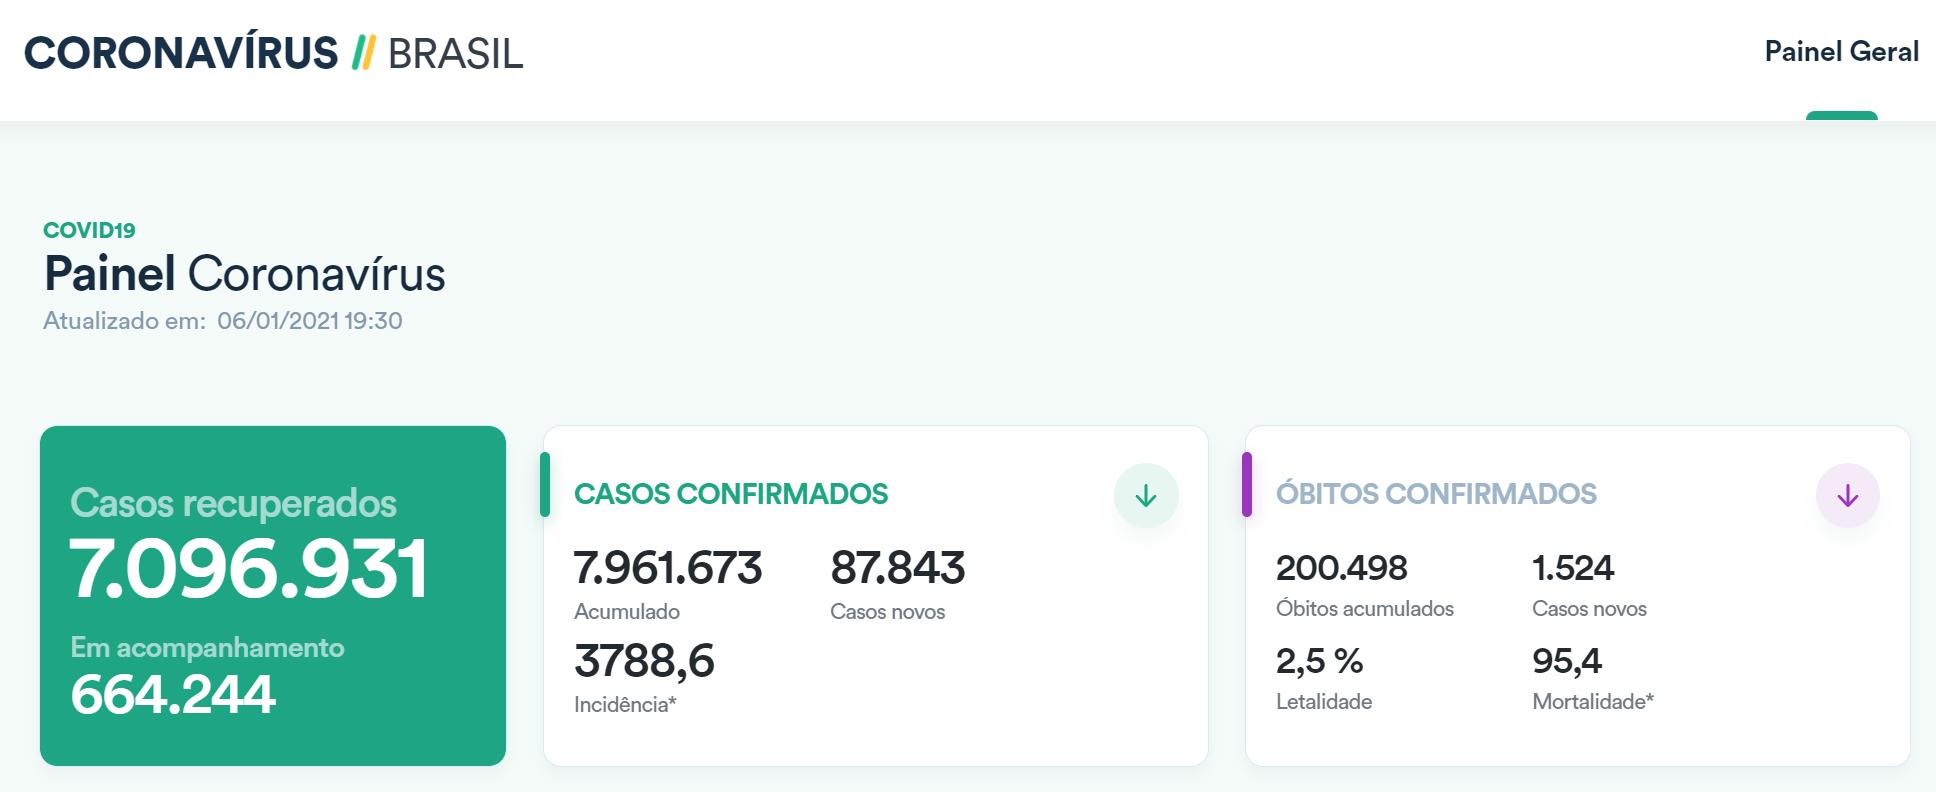 巴西日新增确诊病例近9万例 累计死亡超20万例